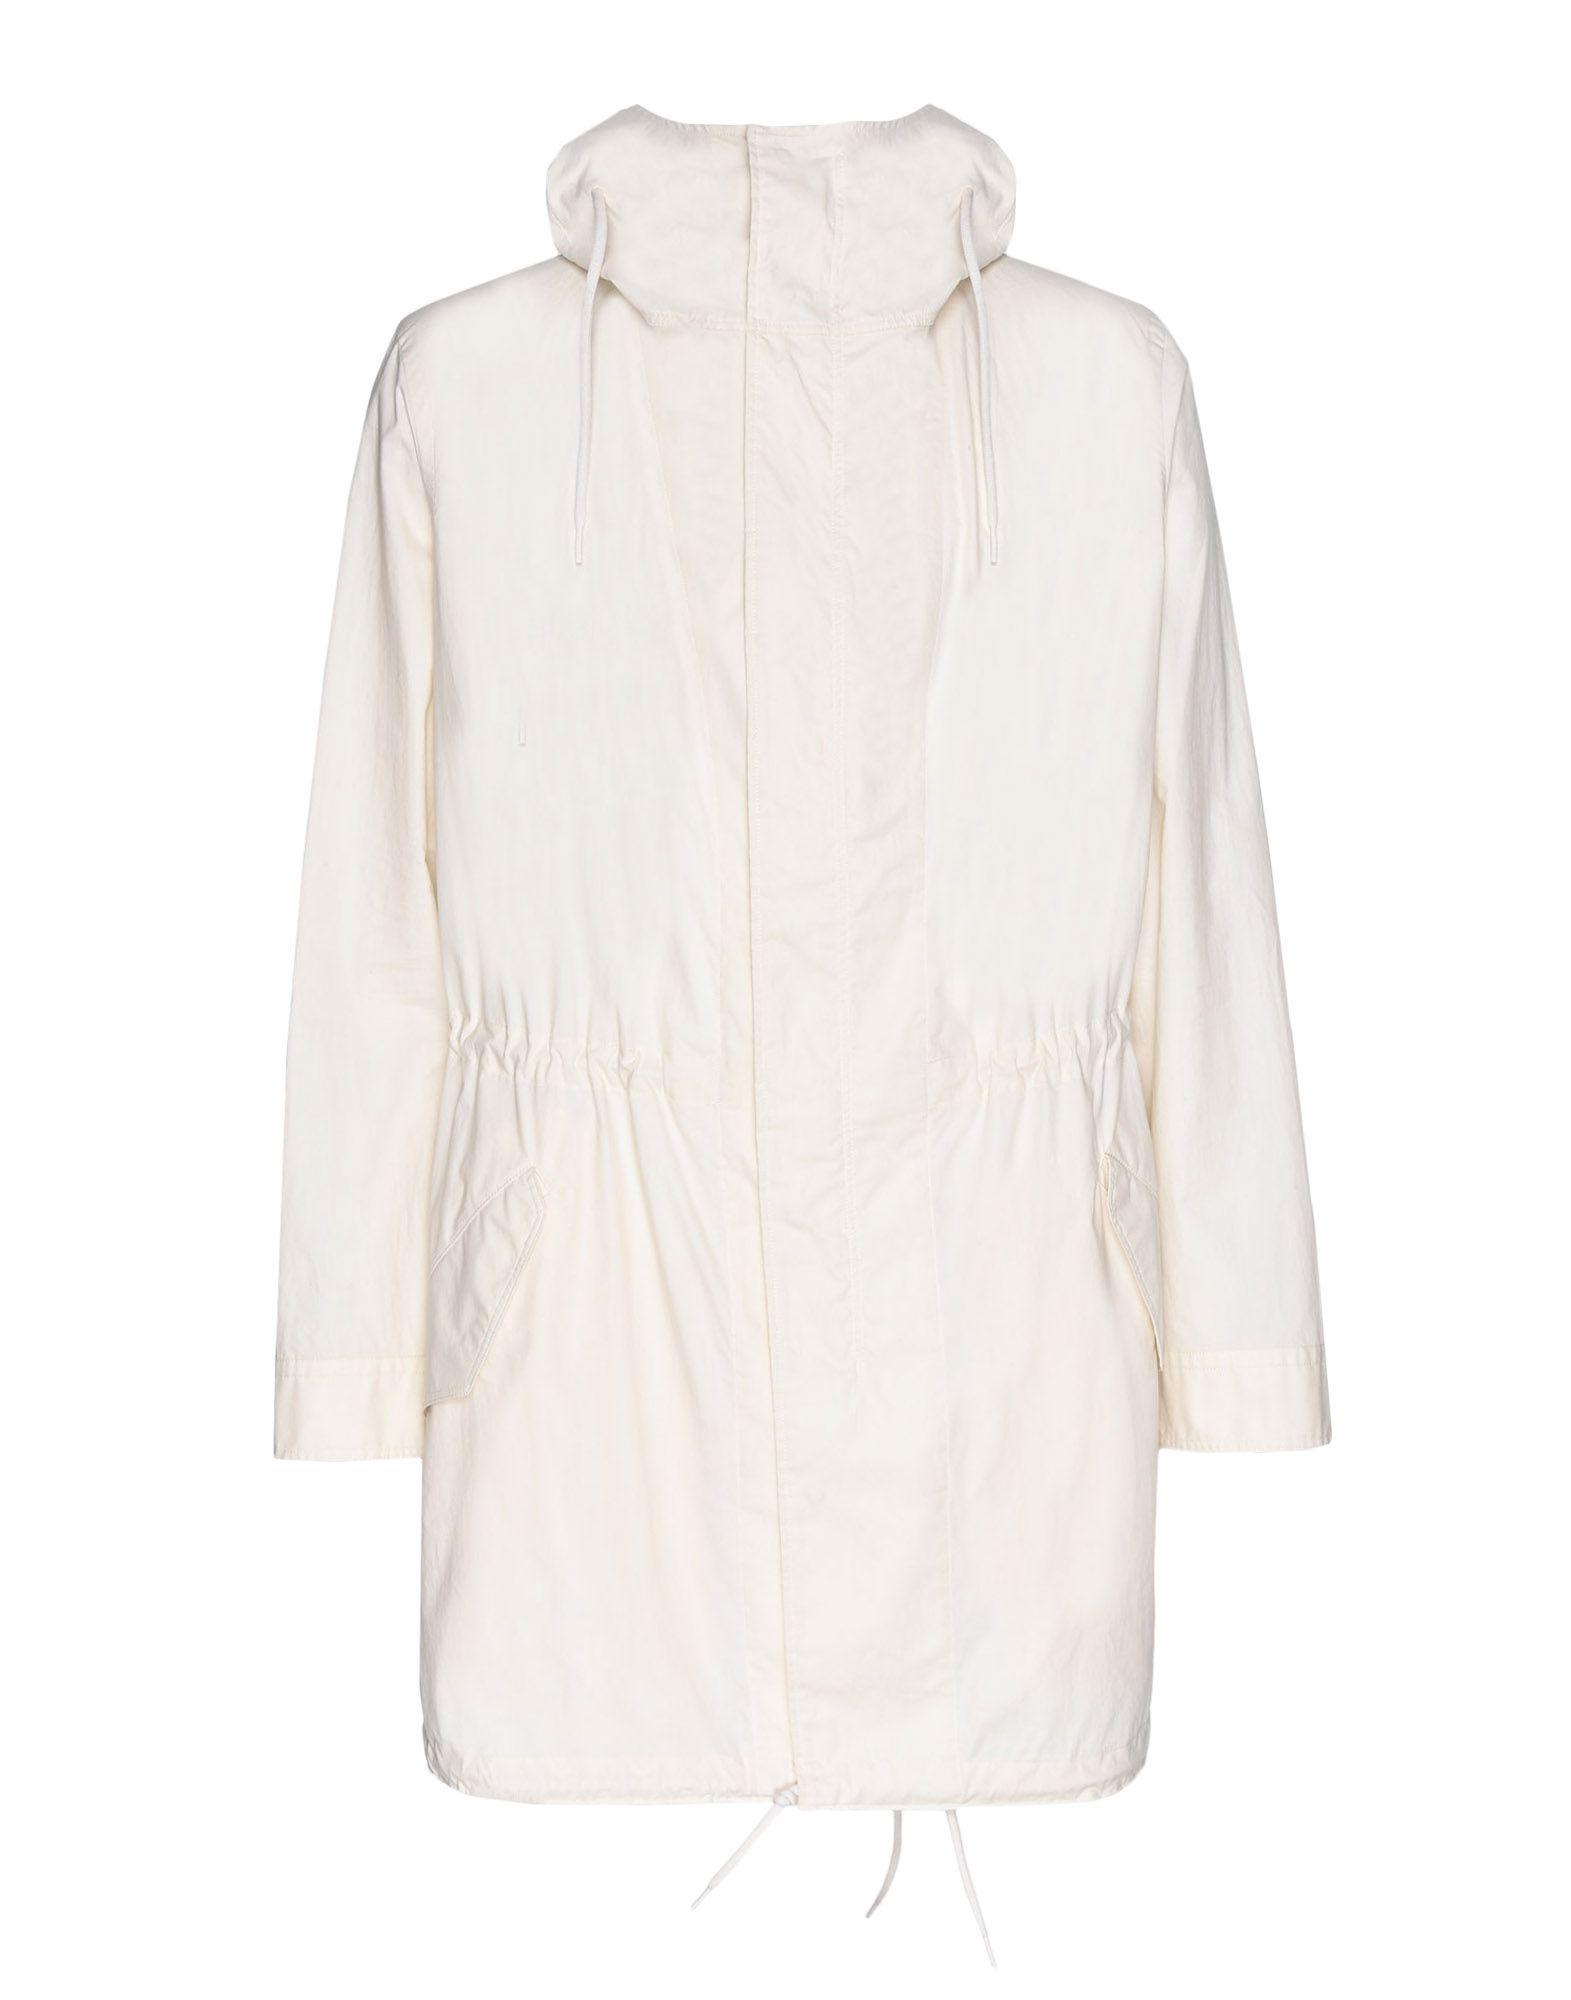 Y-3 Y-3 Mod Parka Shirt フォーマルジャケット メンズ f